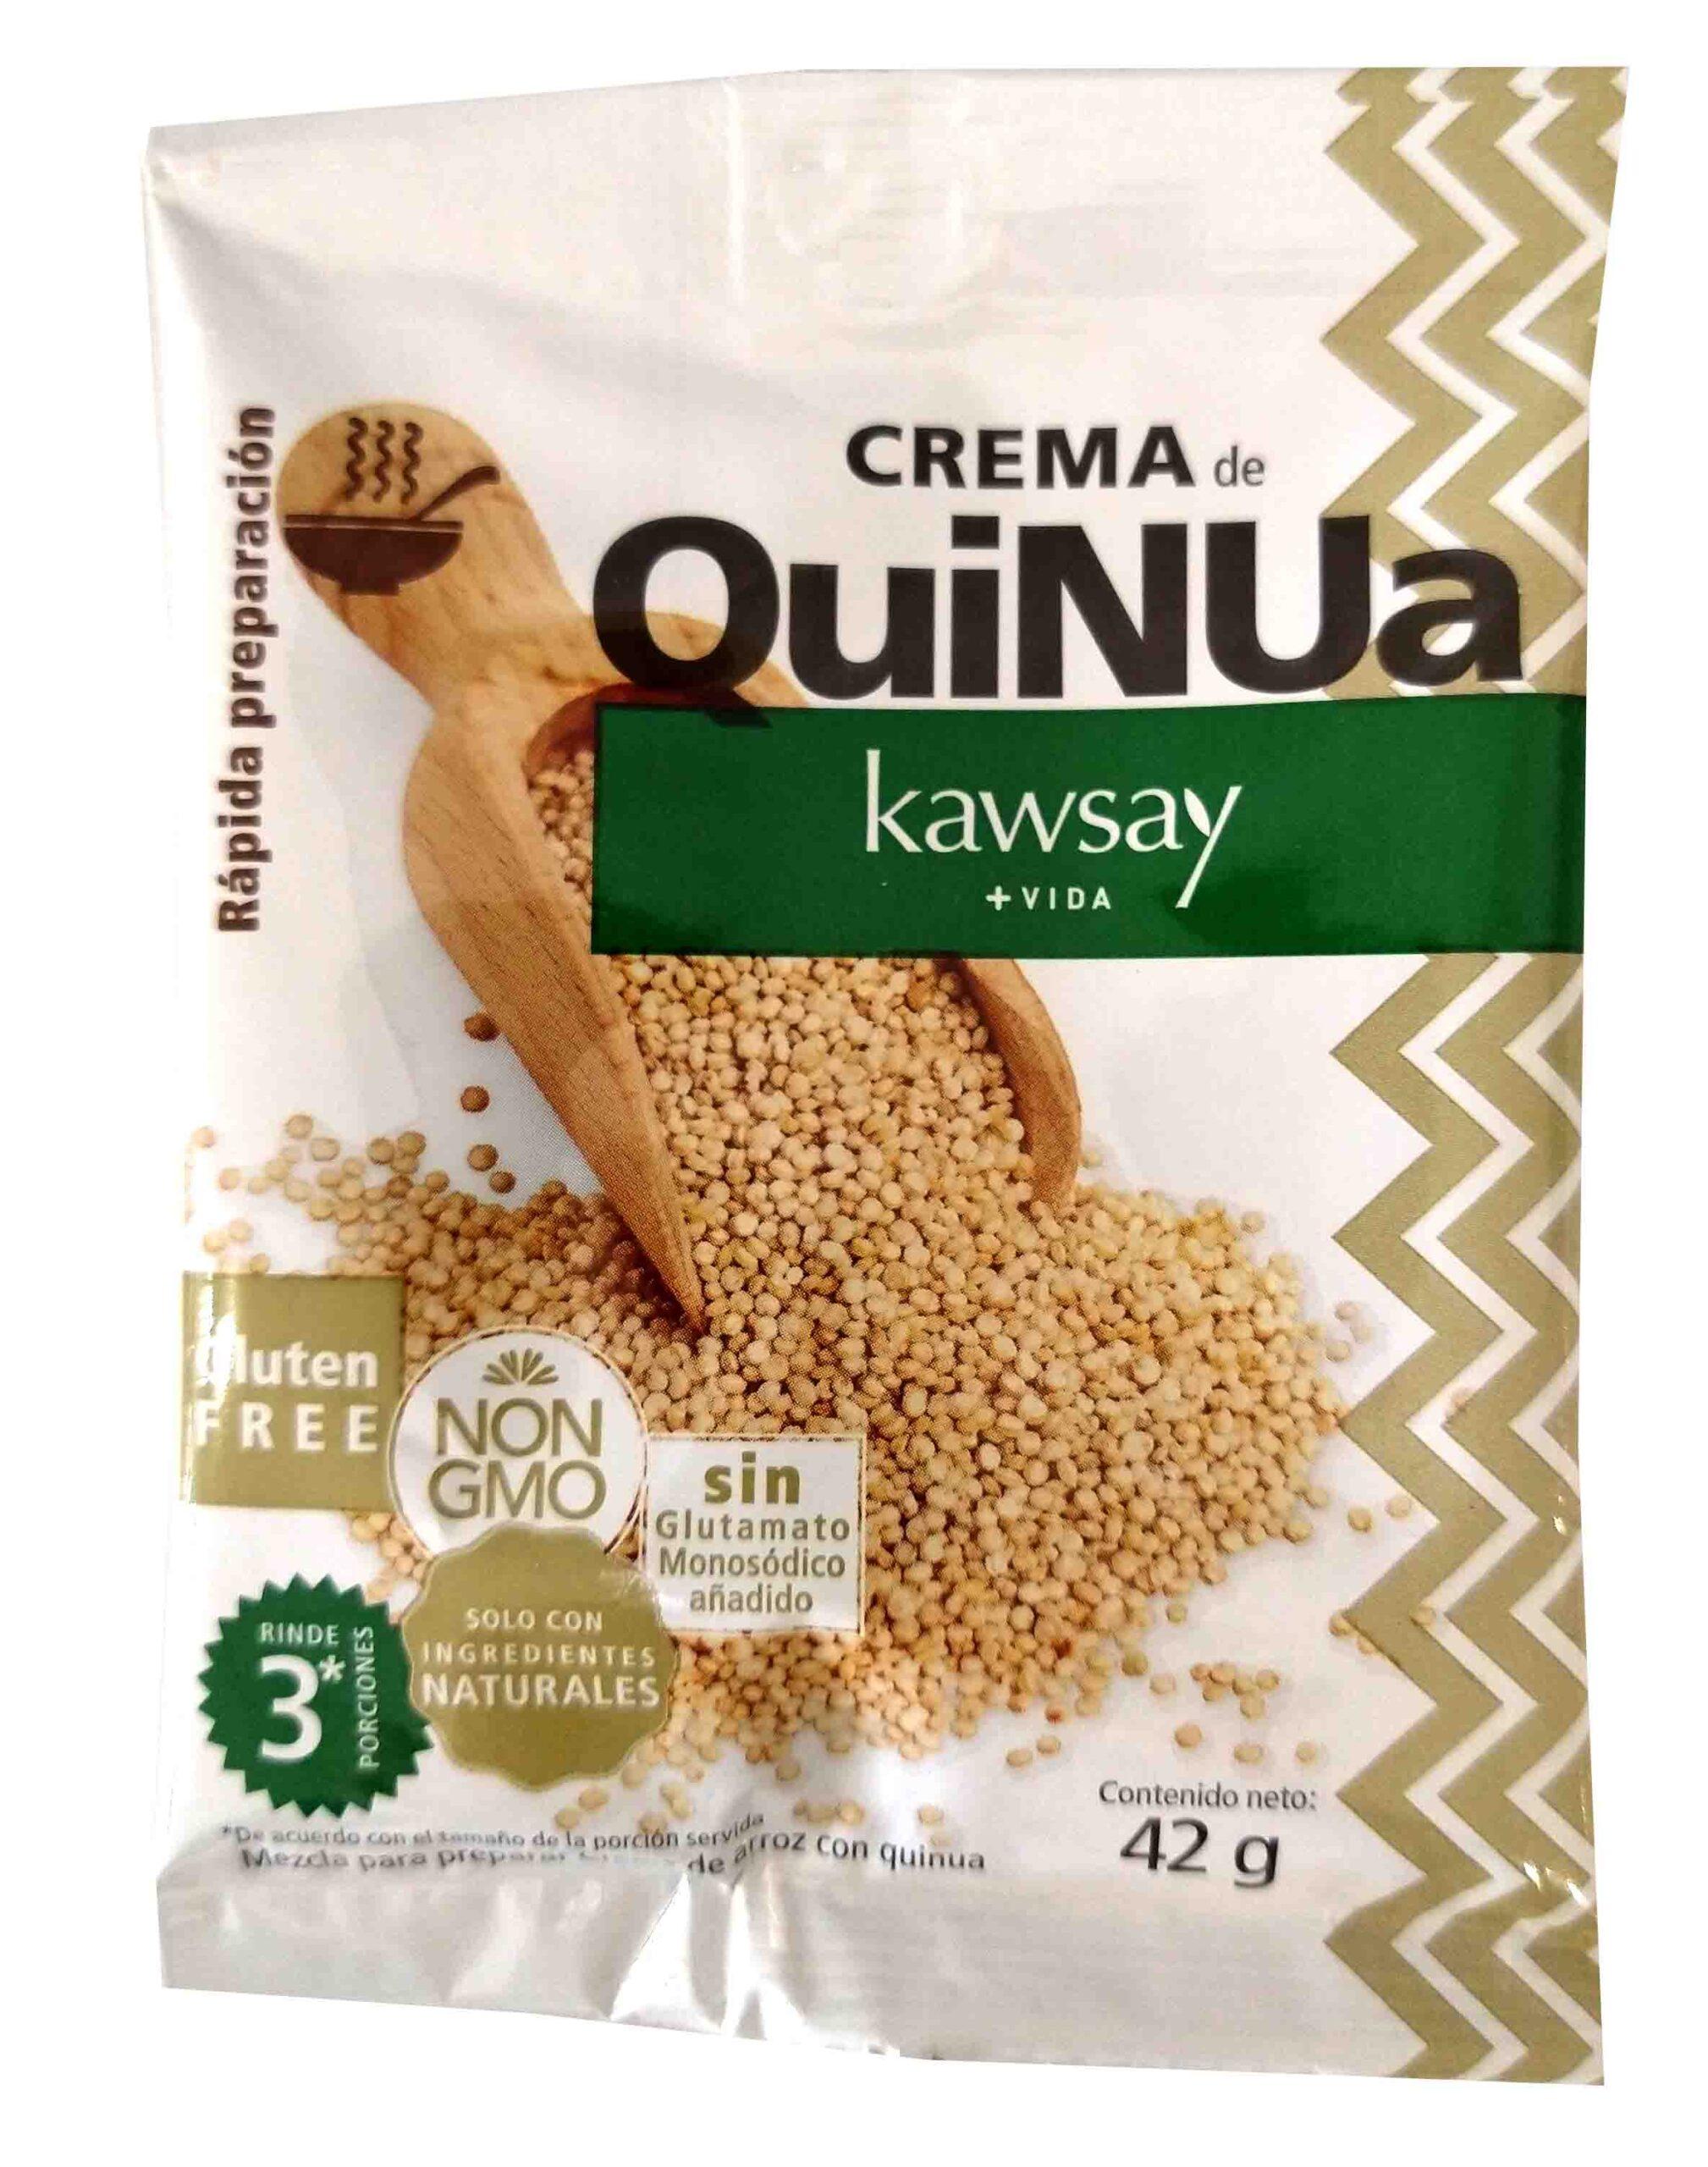 Crema de Quinua Kawsay